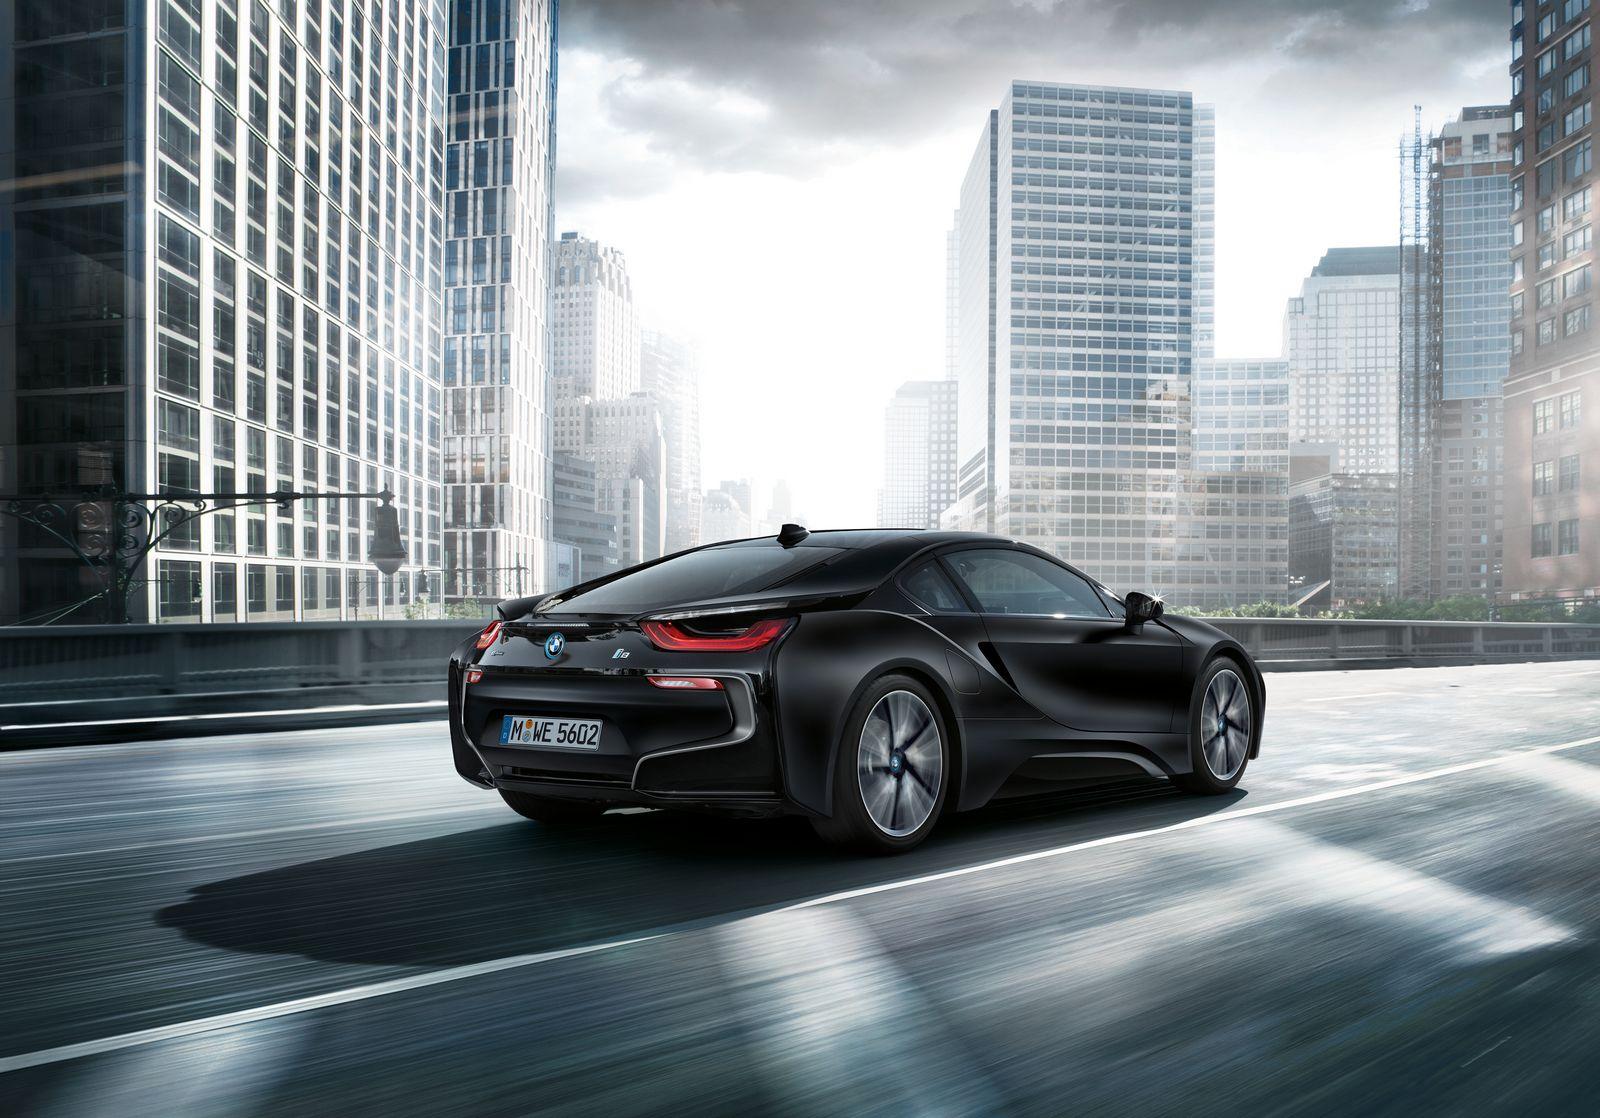 2013 - [BMW] i8 [i12] - Page 22 BMW%2Bi8%2BFrozen%2BBlack%2B5